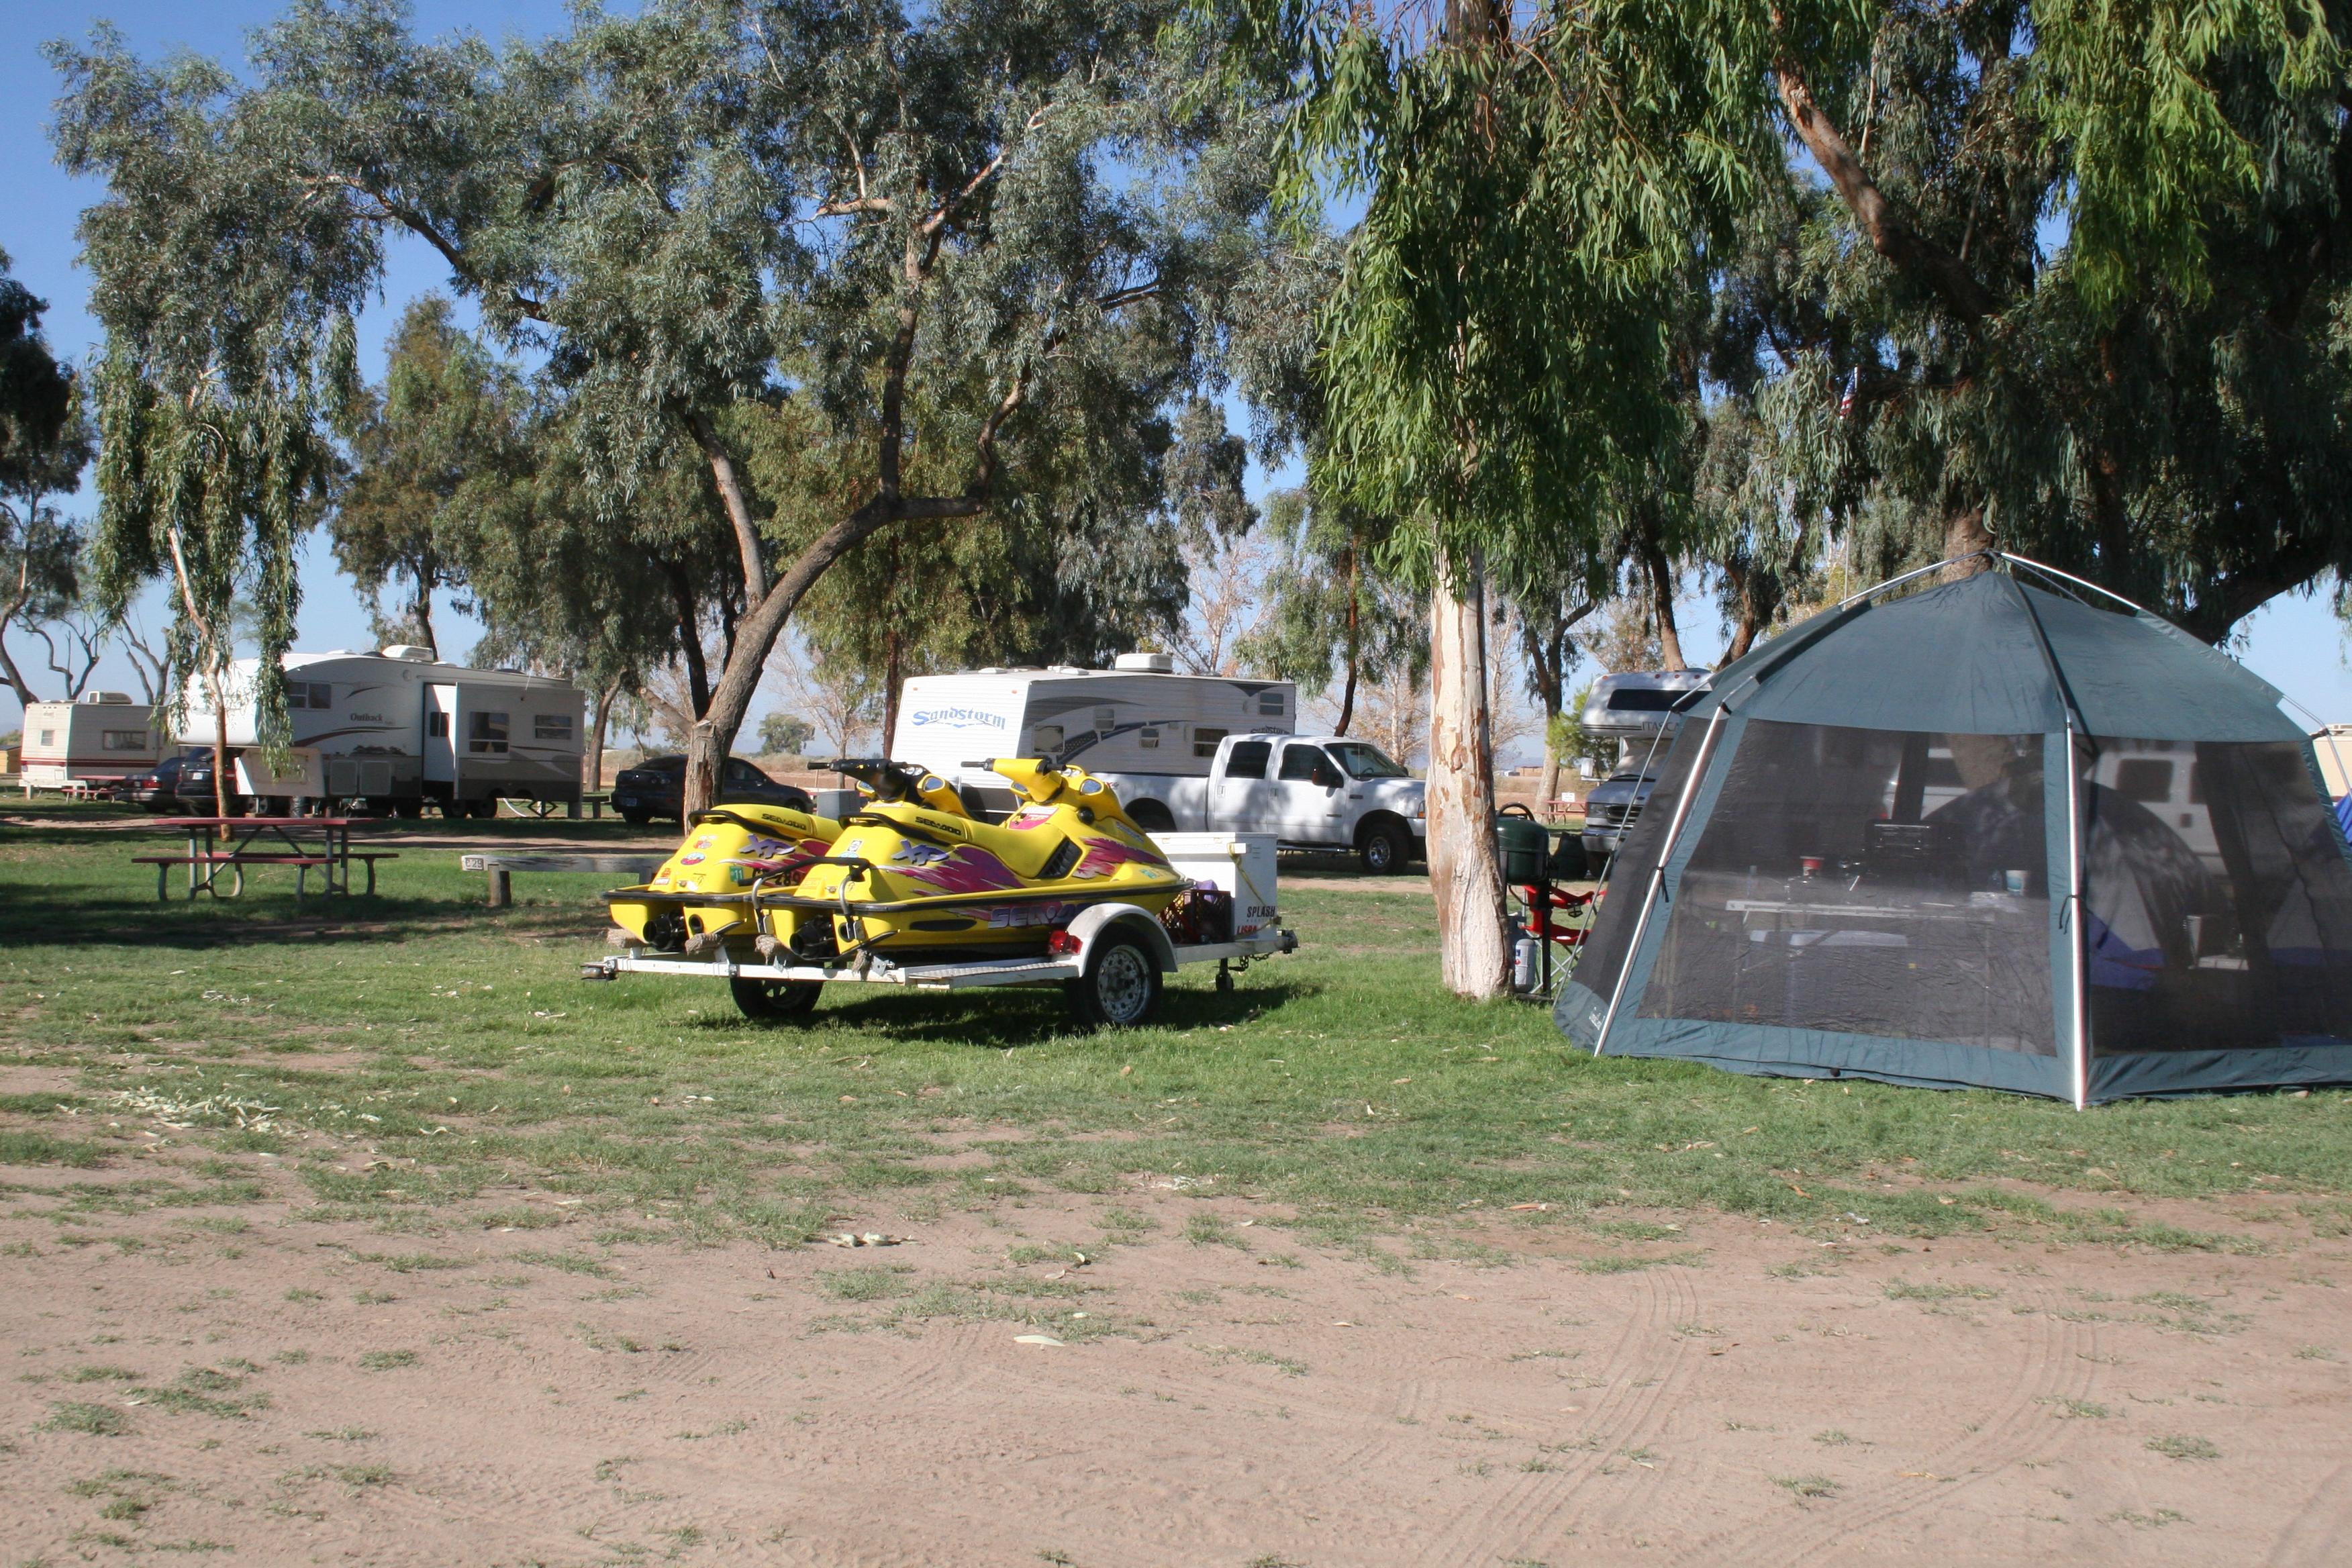 Camping w Jet Skies